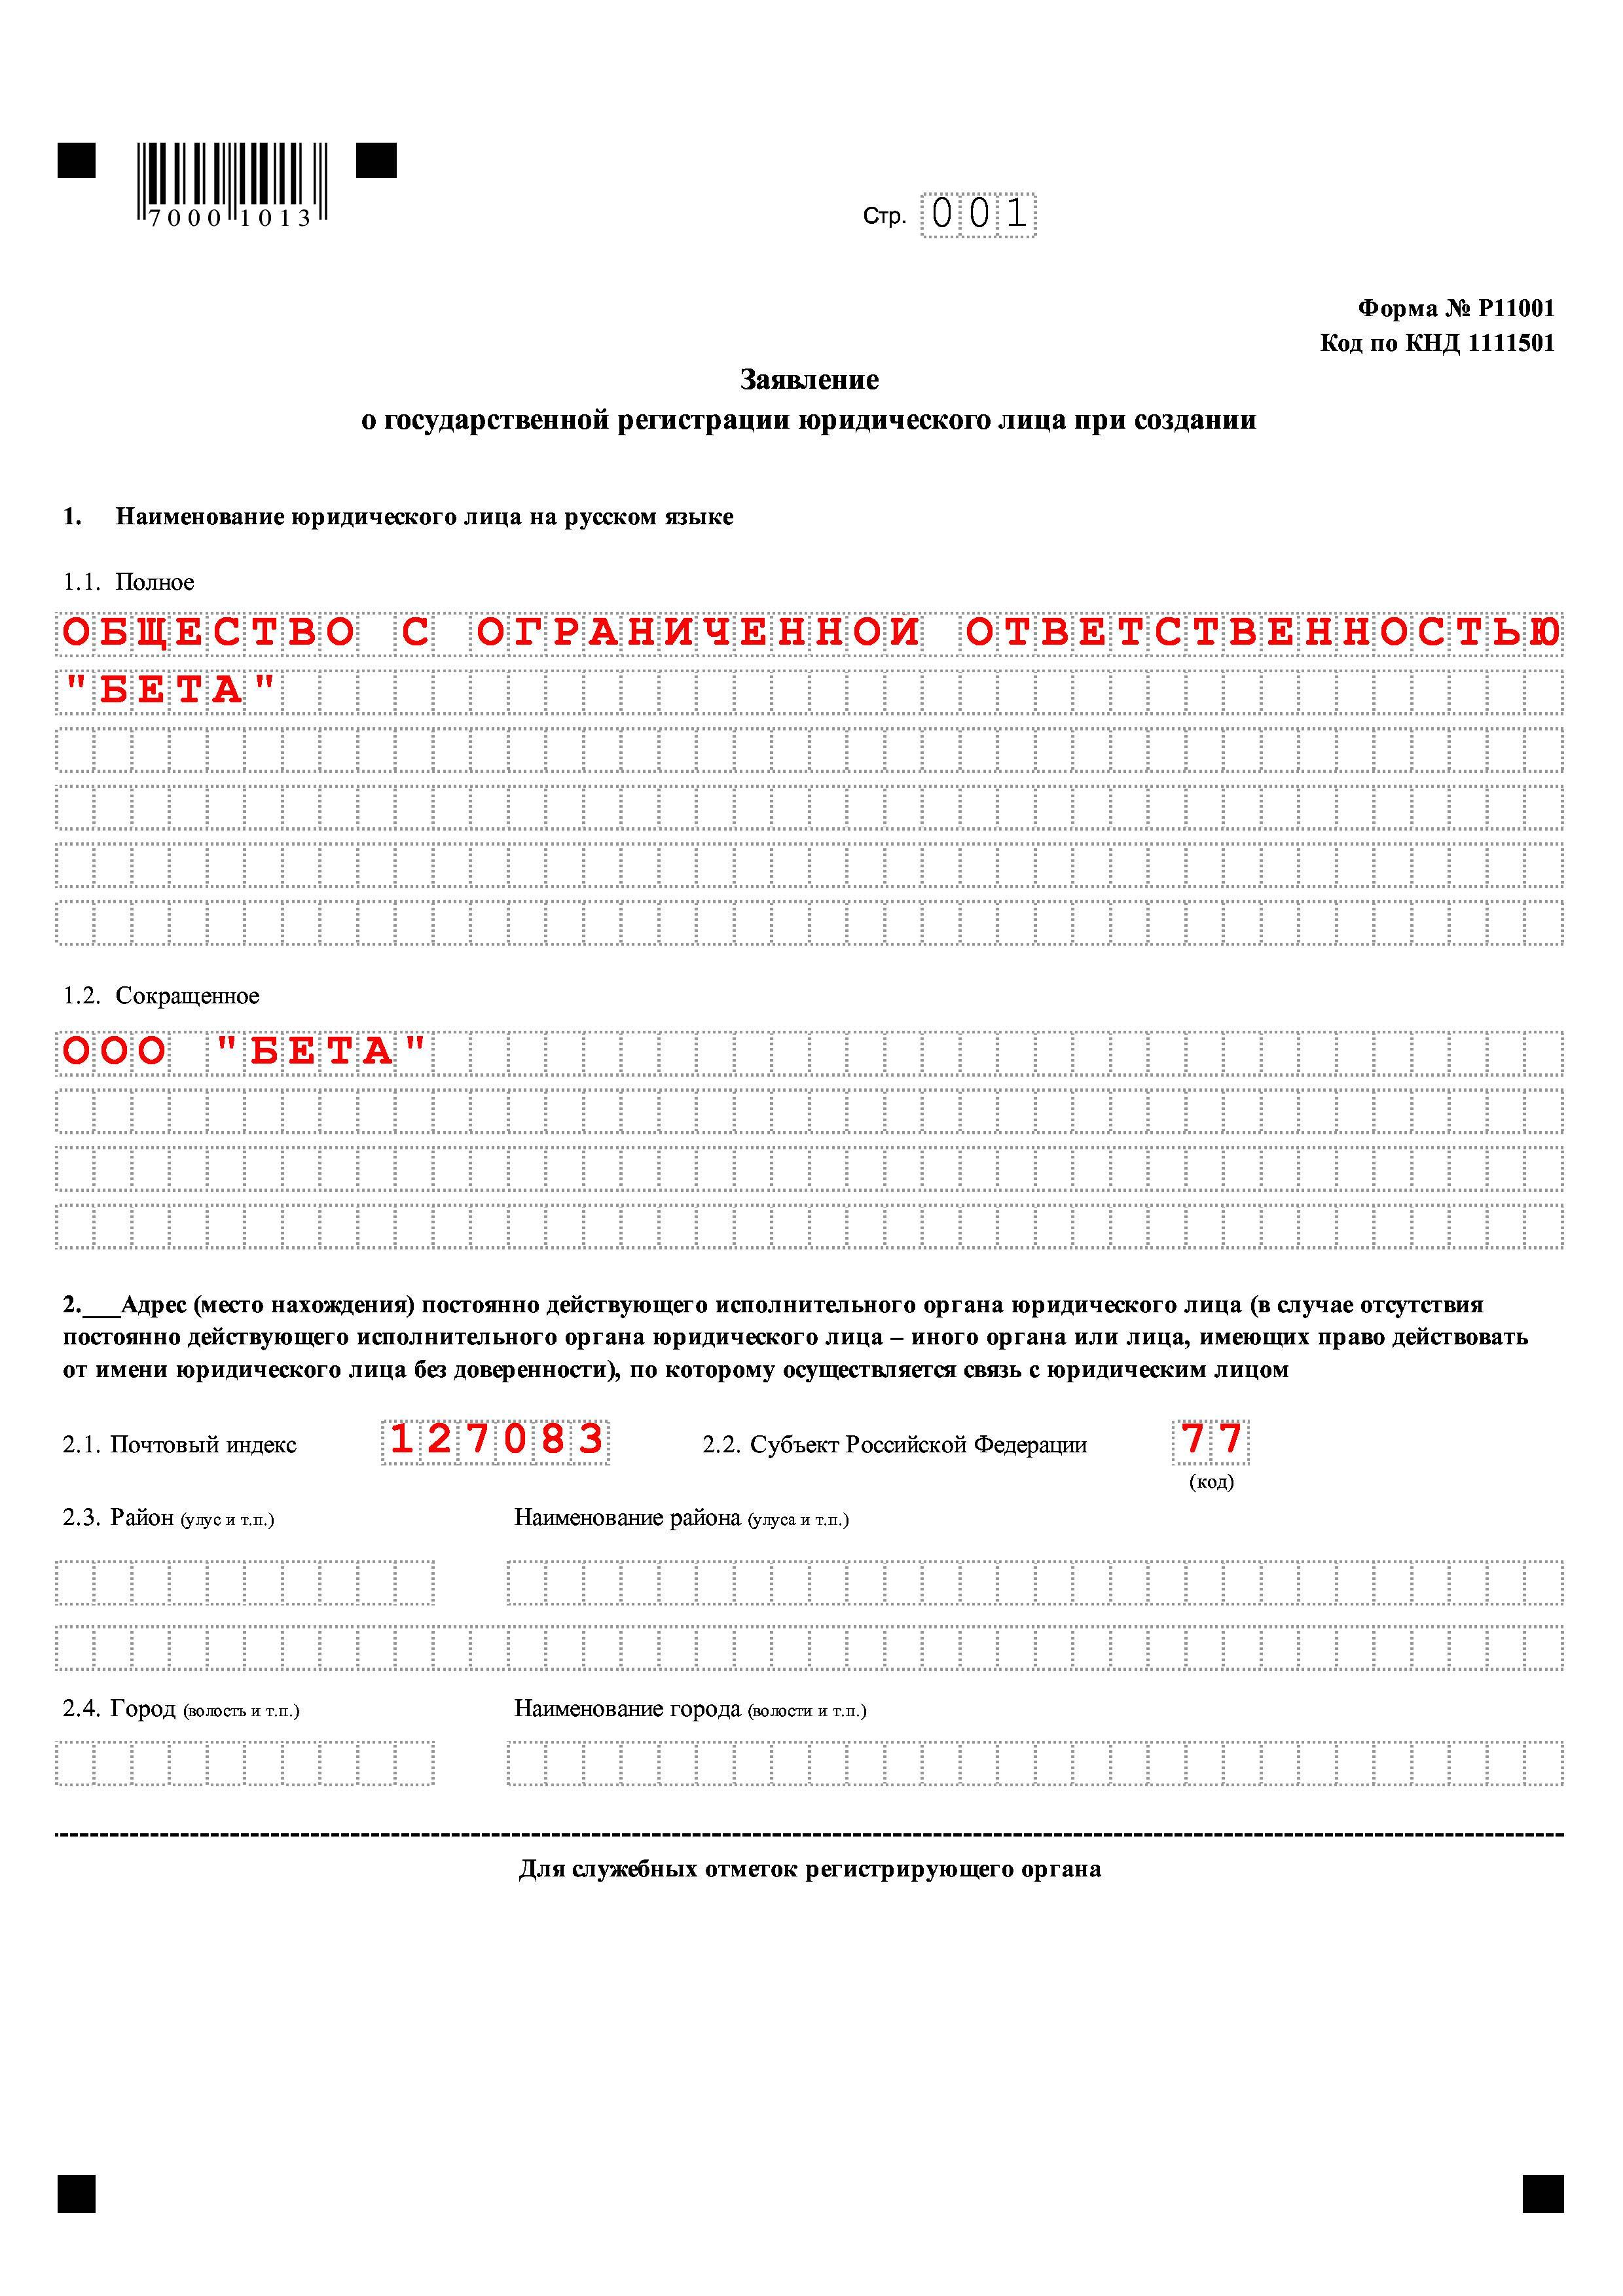 Форма бланка заявления на регистрацию ооо фнс регистрация ип по интернету